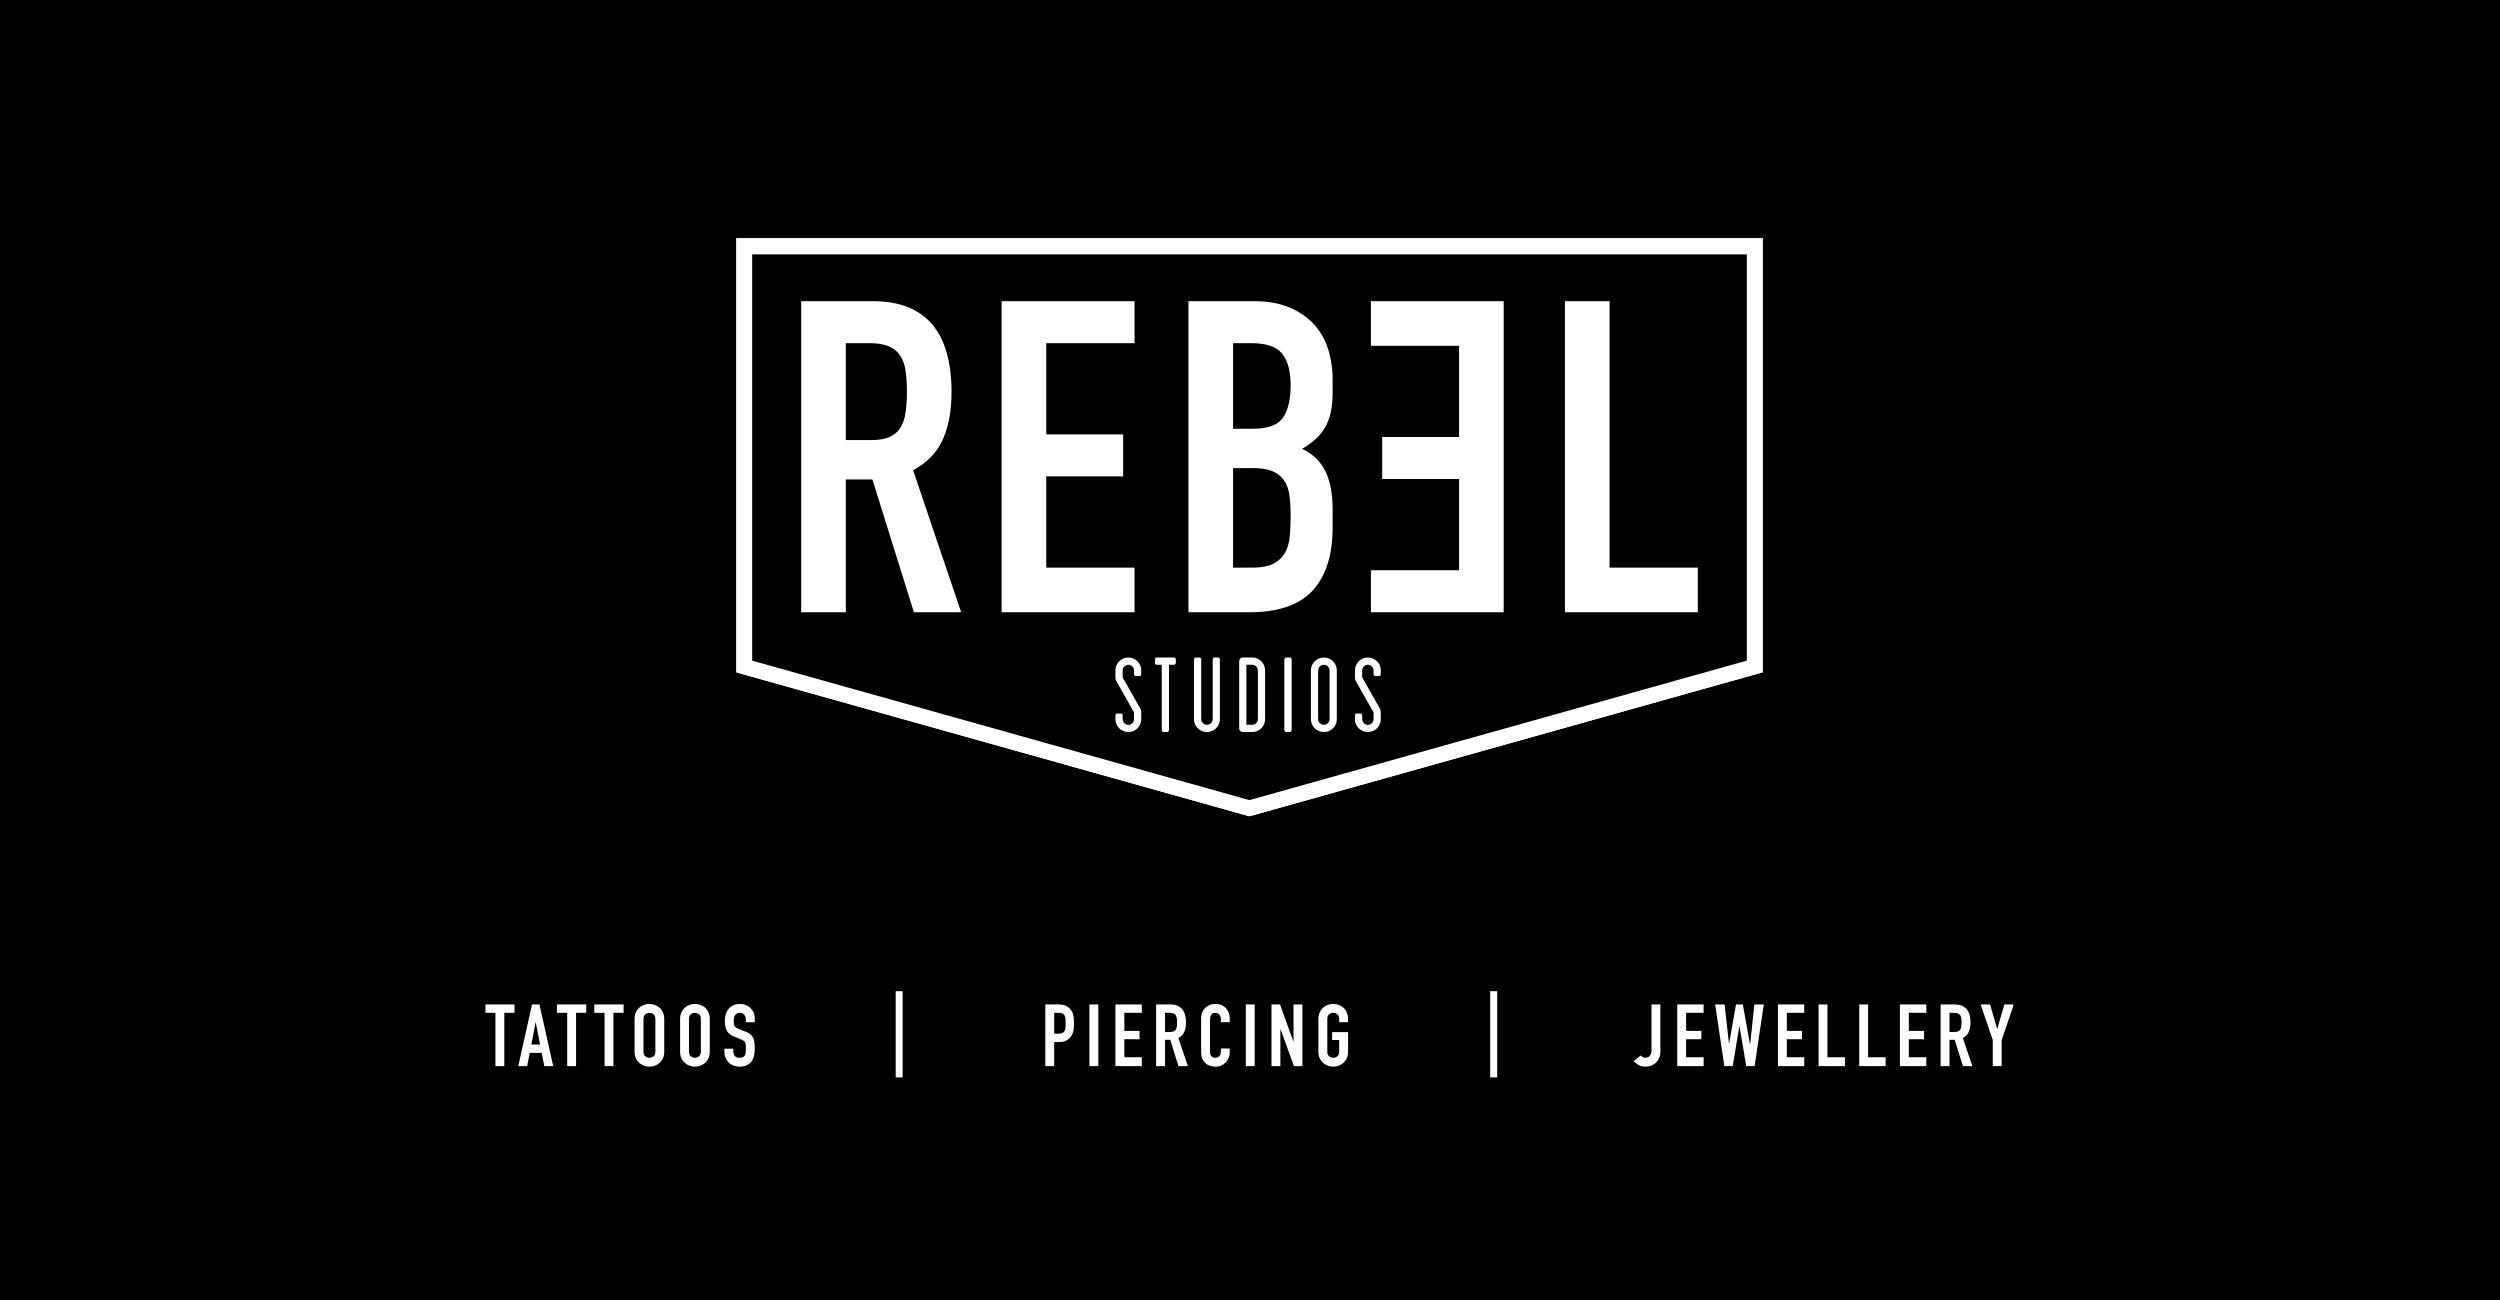 Rebel Studios